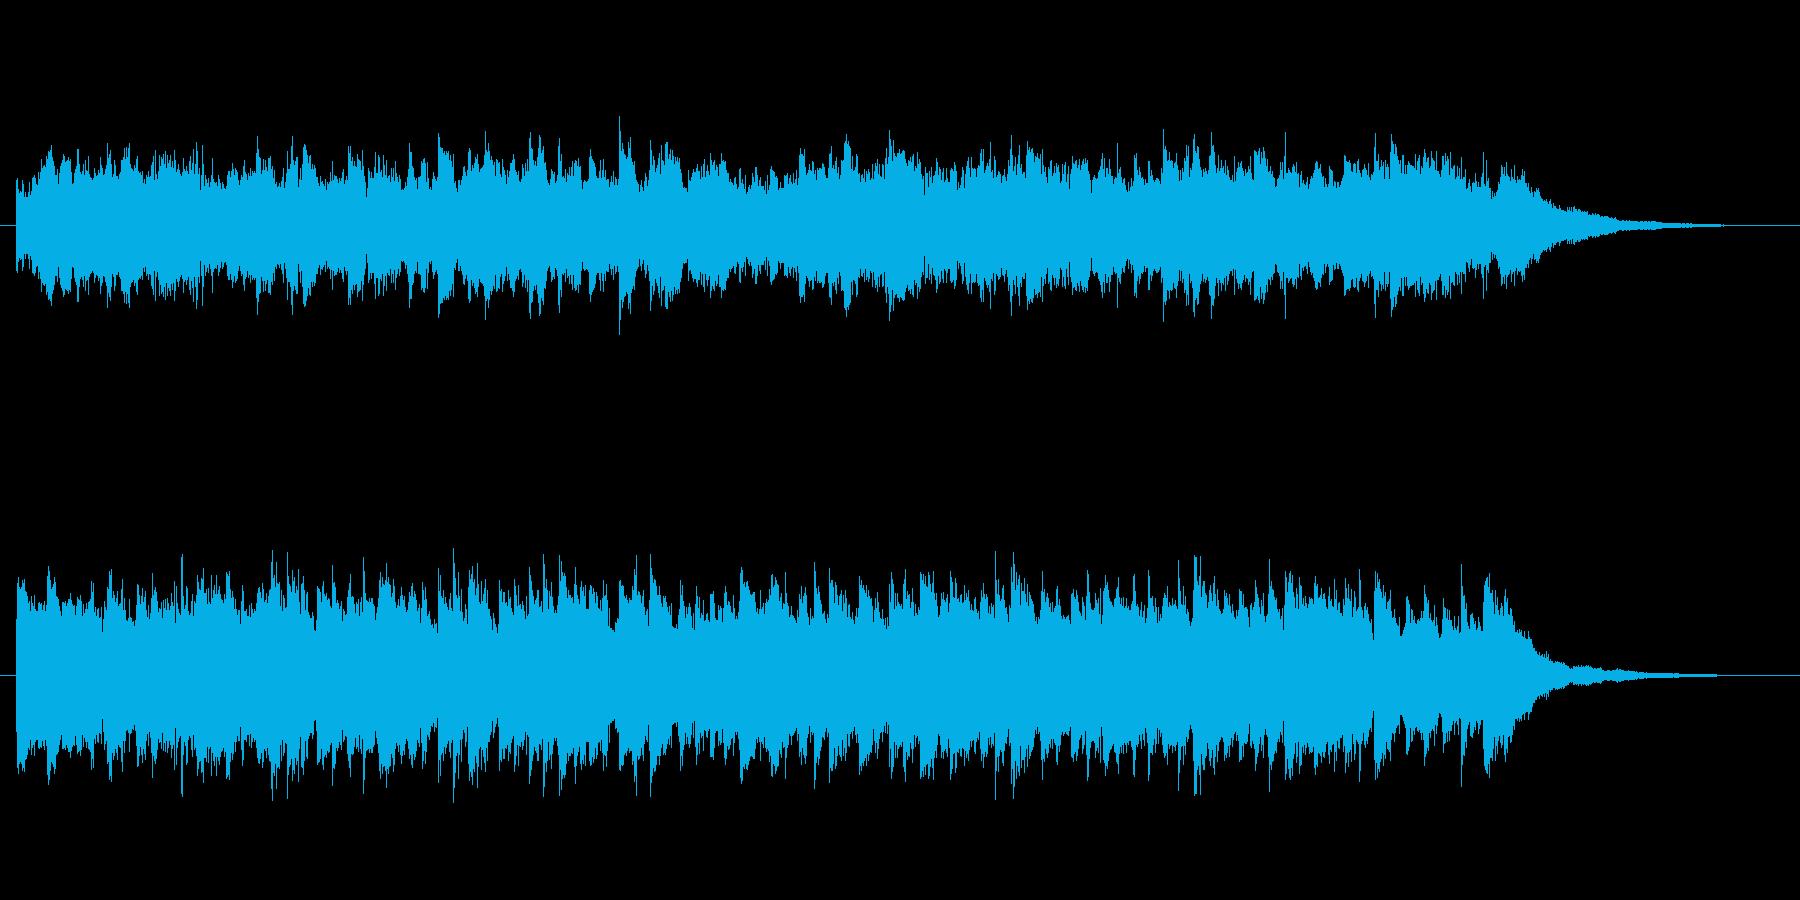 悲しげな雰囲気のピアノジングルの再生済みの波形